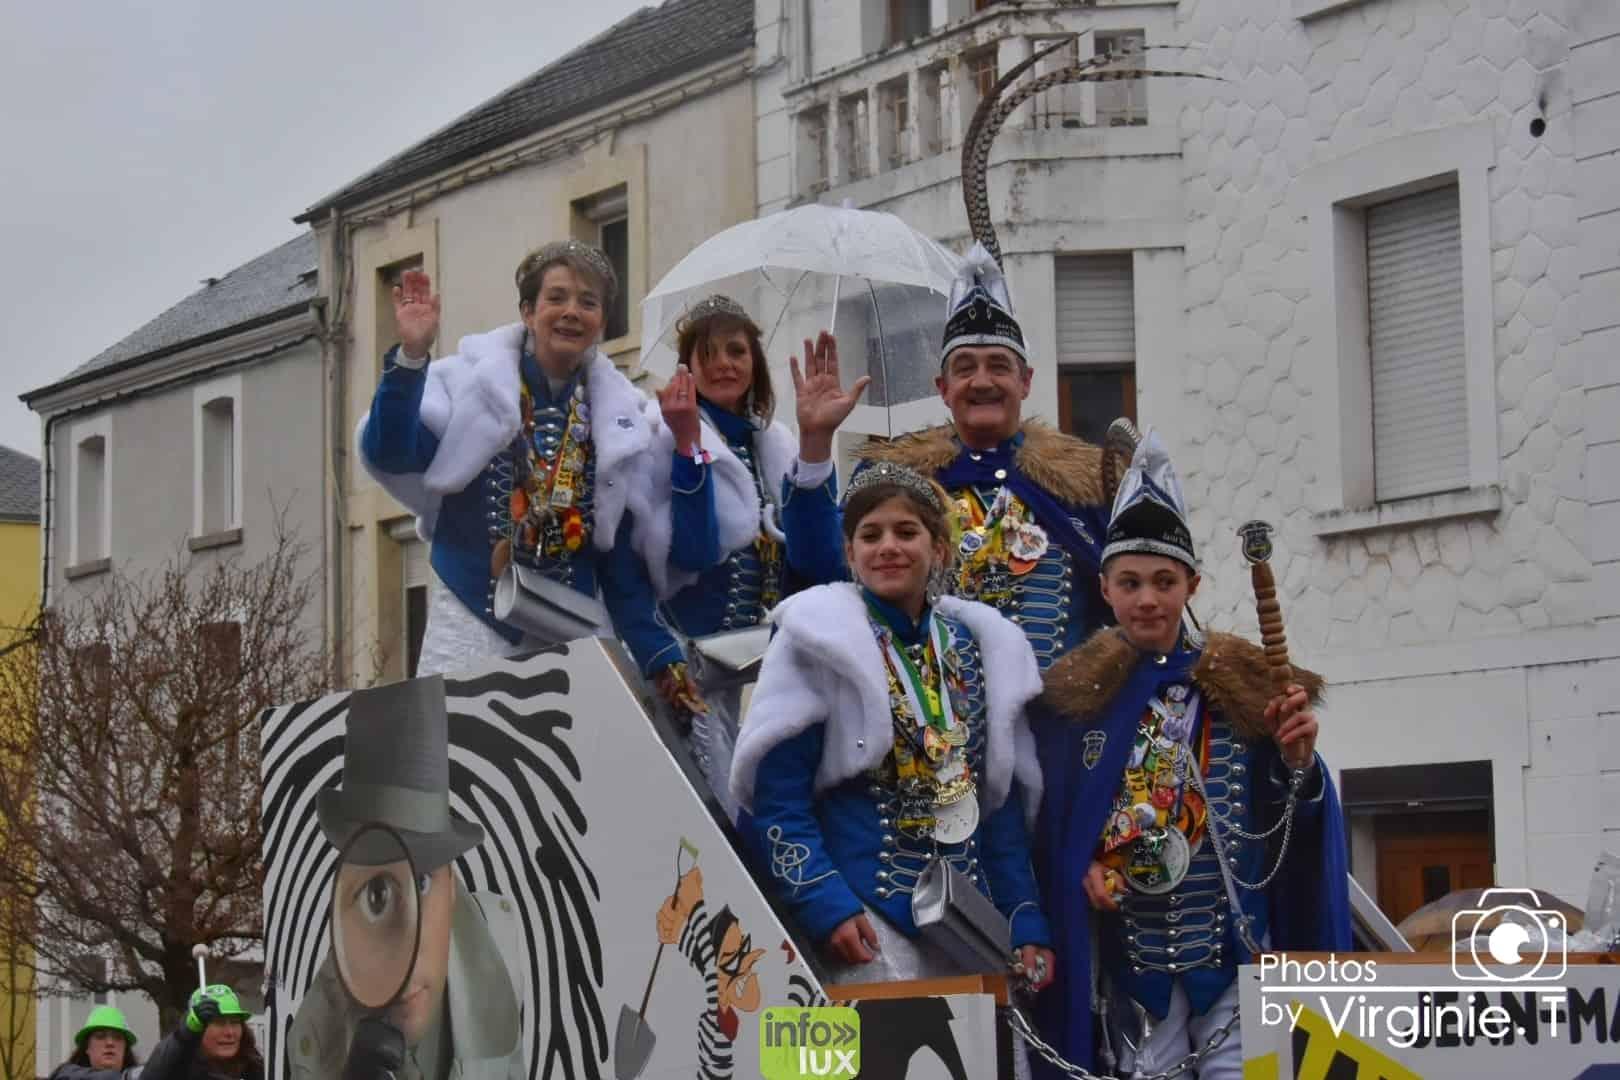 Carnaval de Virton : Photos de la Cavalcade